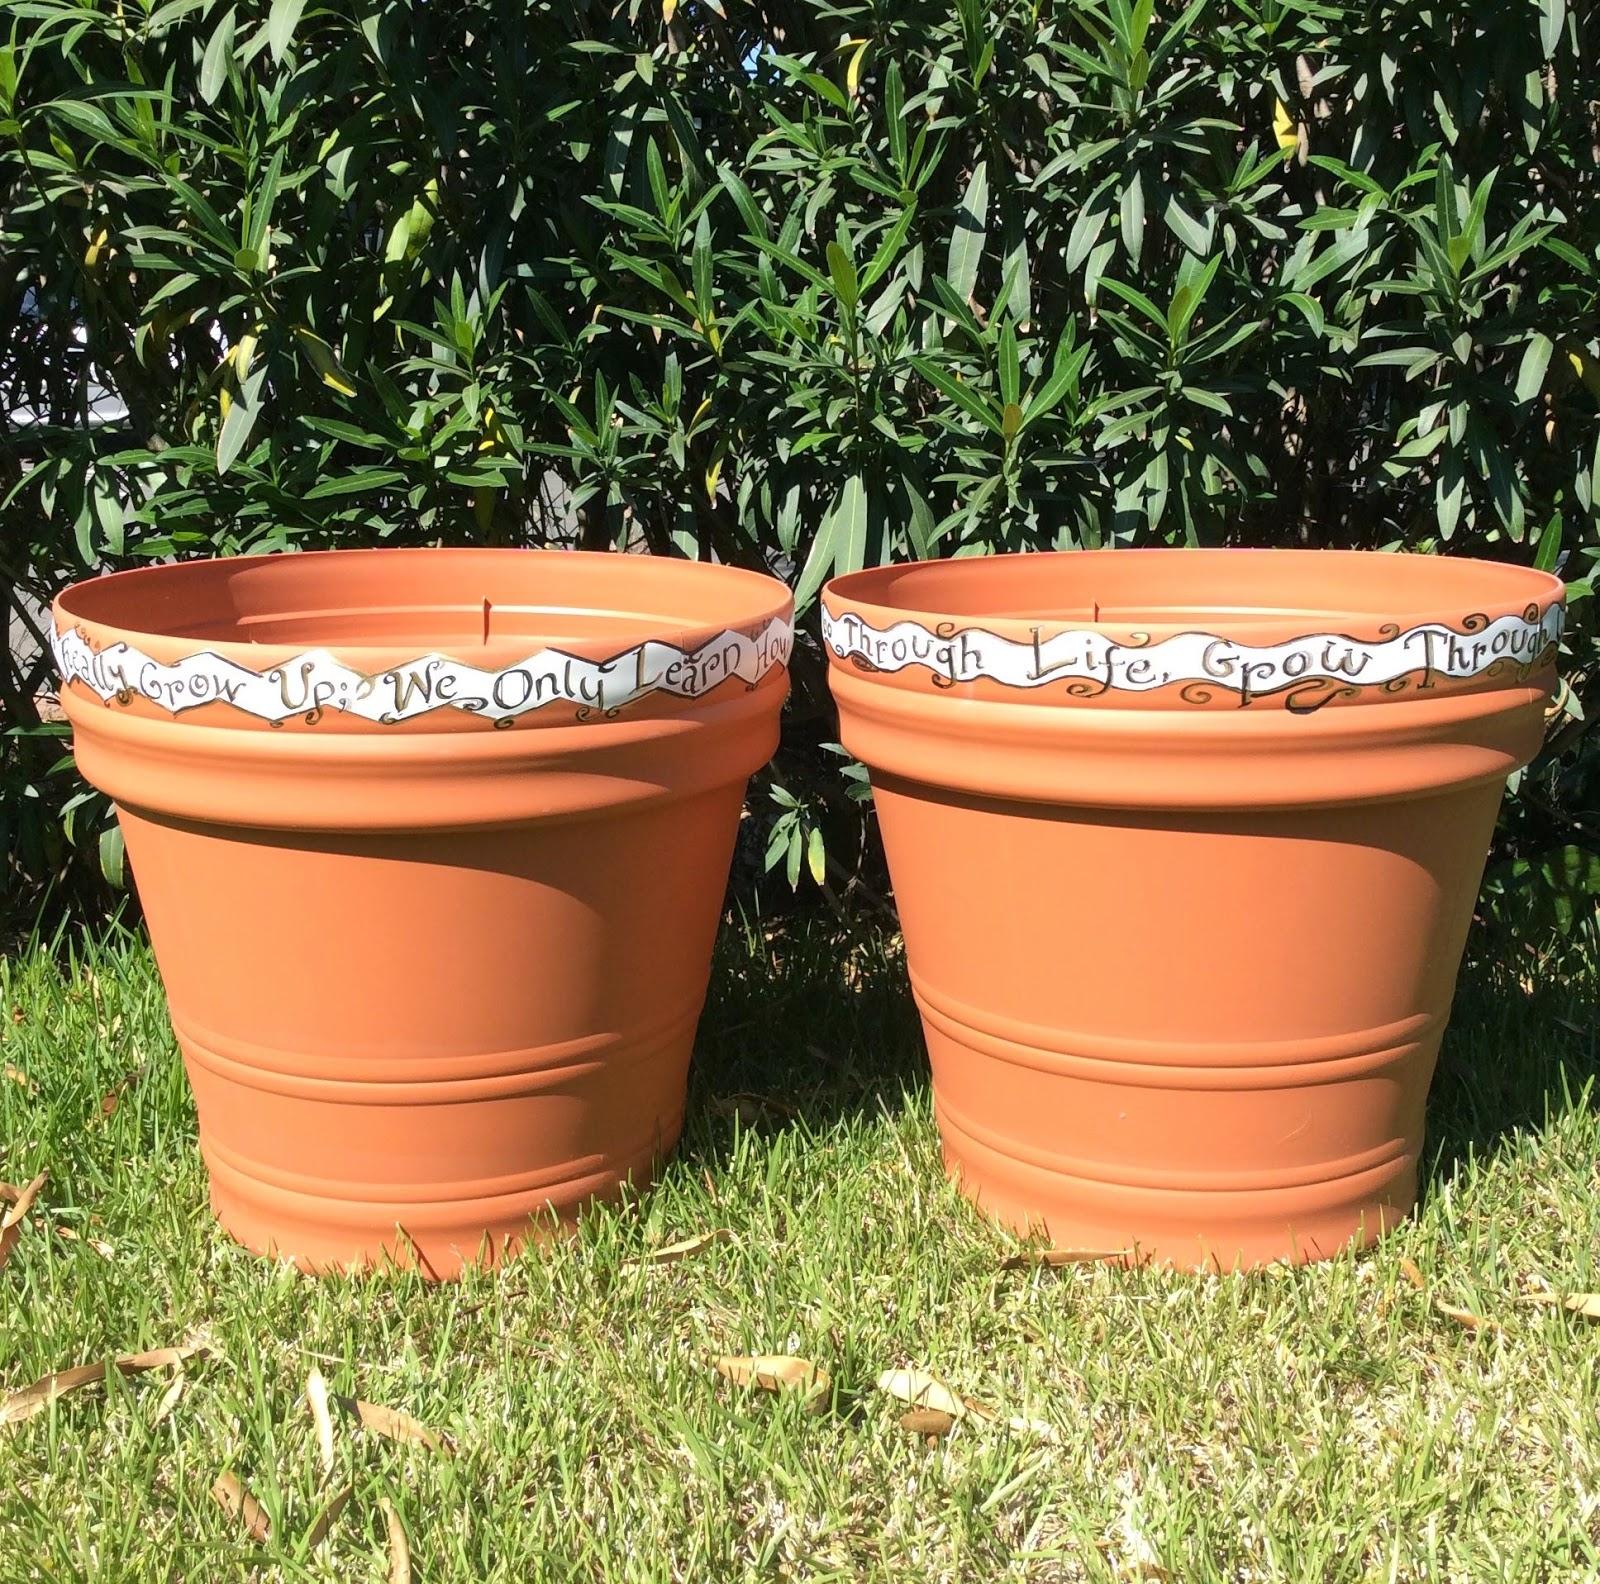 http://1.bp.blogspot.com/-ca5V_qvbTZ0/VUF39bjwyoI/AAAAAAAABQs/suCrBSHIDco/s1600/grow%2Bquotes%2Bplanter%2Bpots%2Bdecorated.jpg